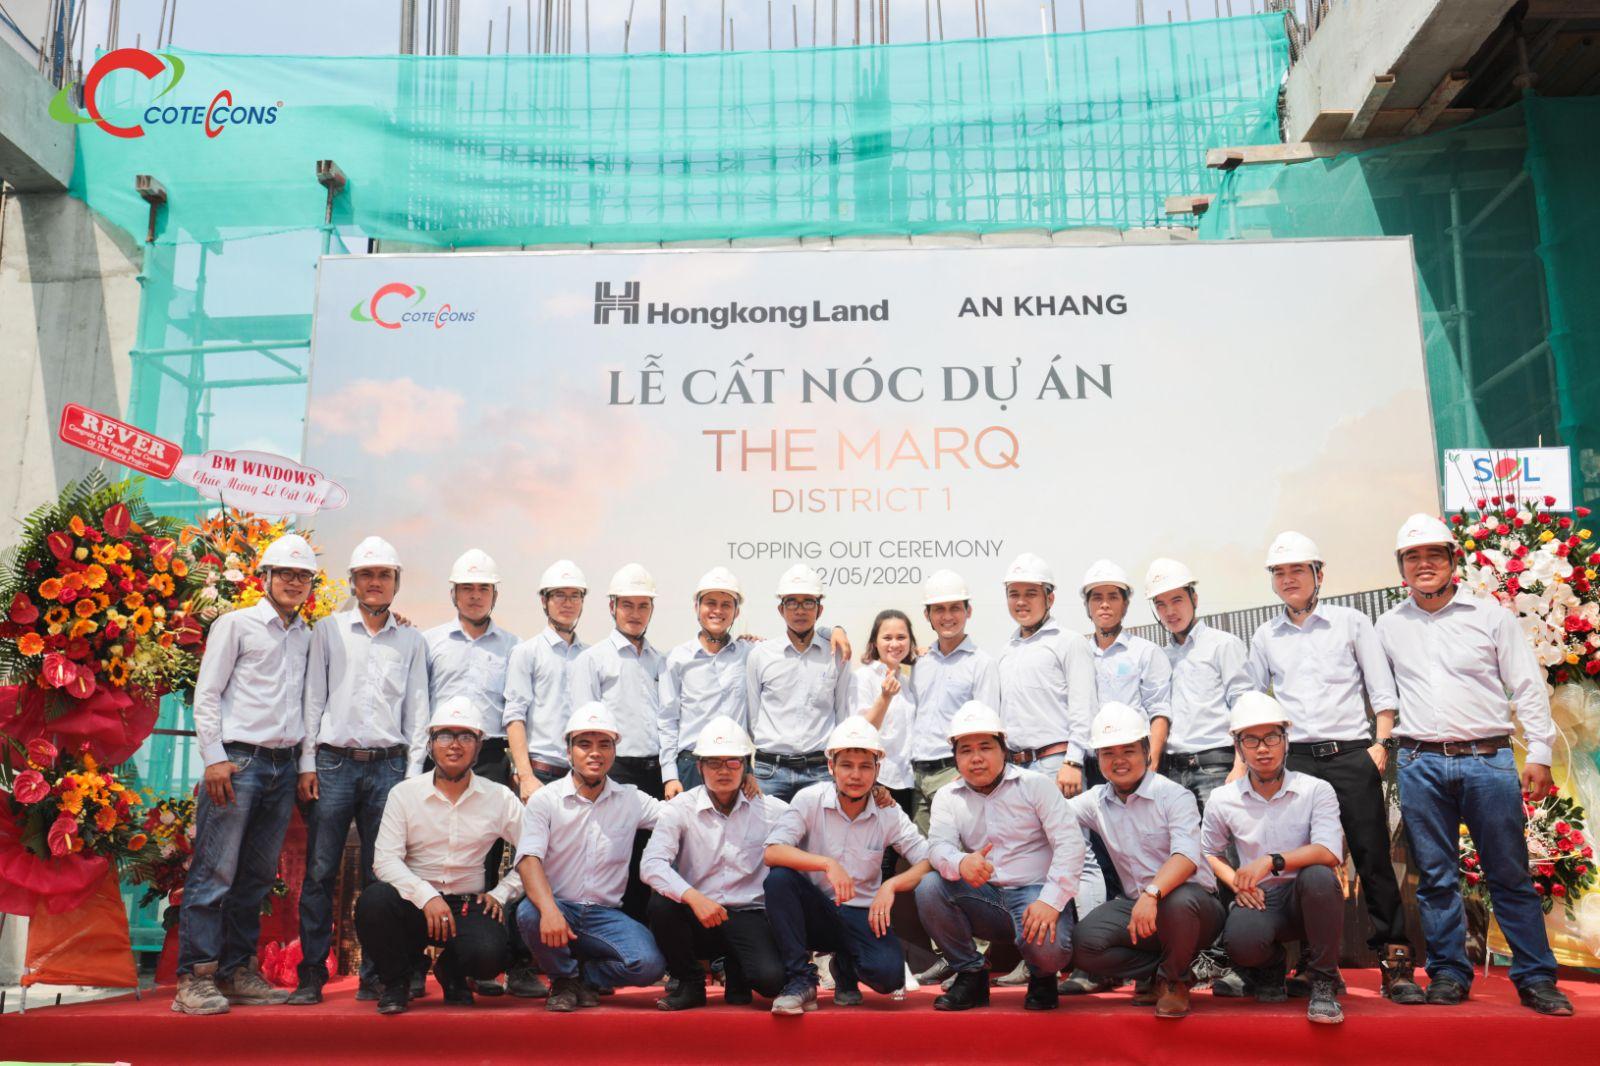 Lễ cất nóc dự án The Marq vào ngày 22/05/2020